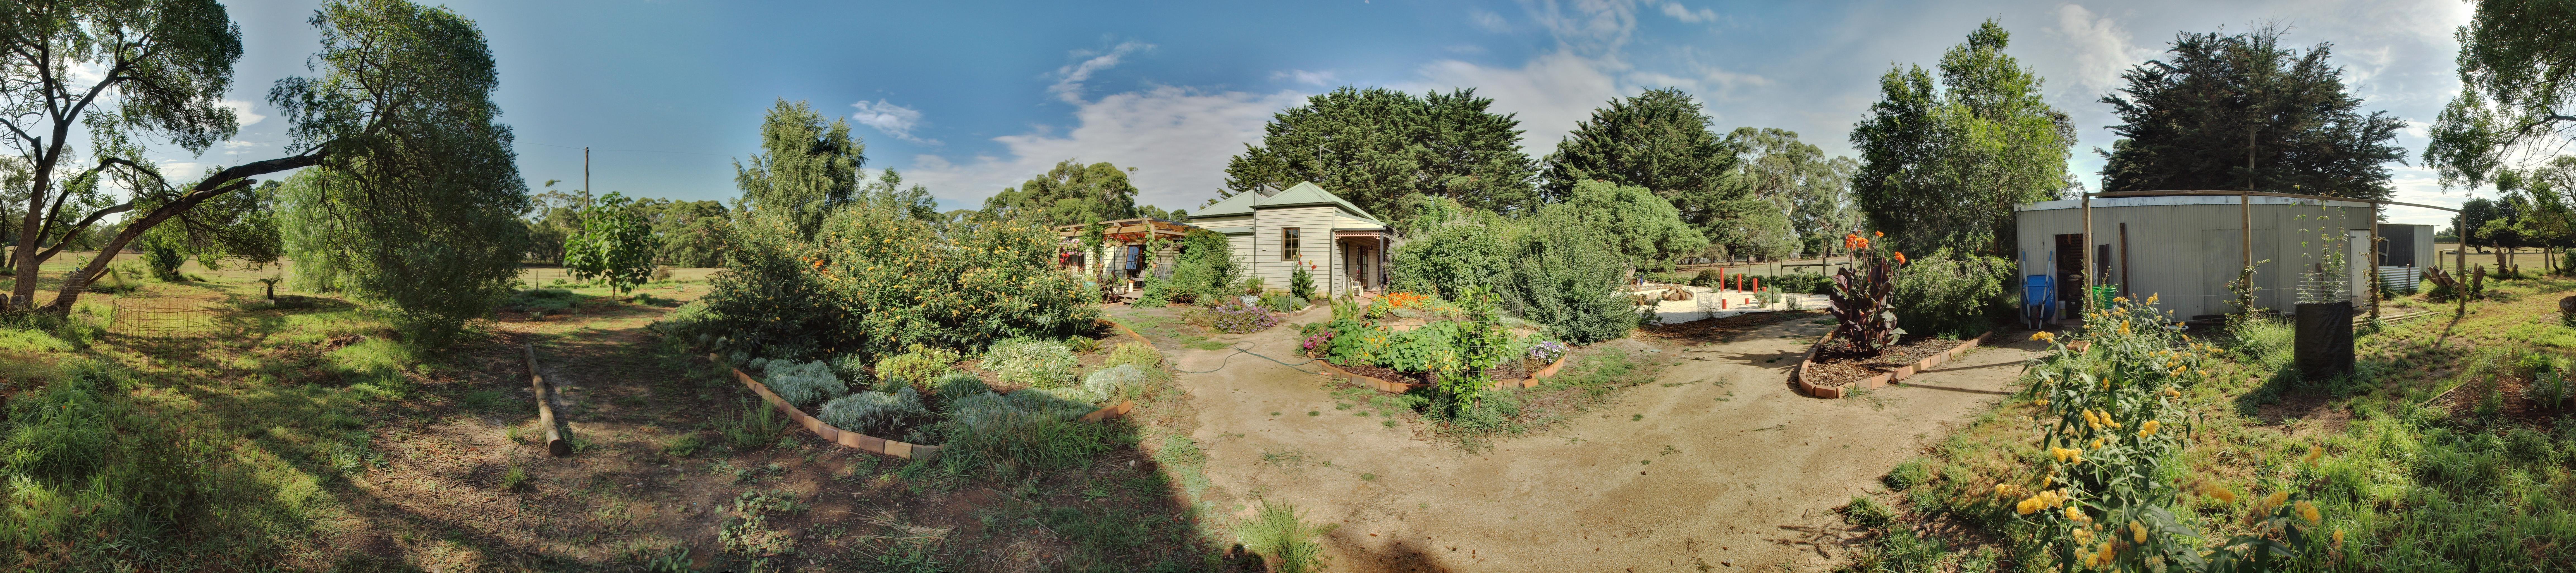 garden-ne-panorama-HDR.jpeg